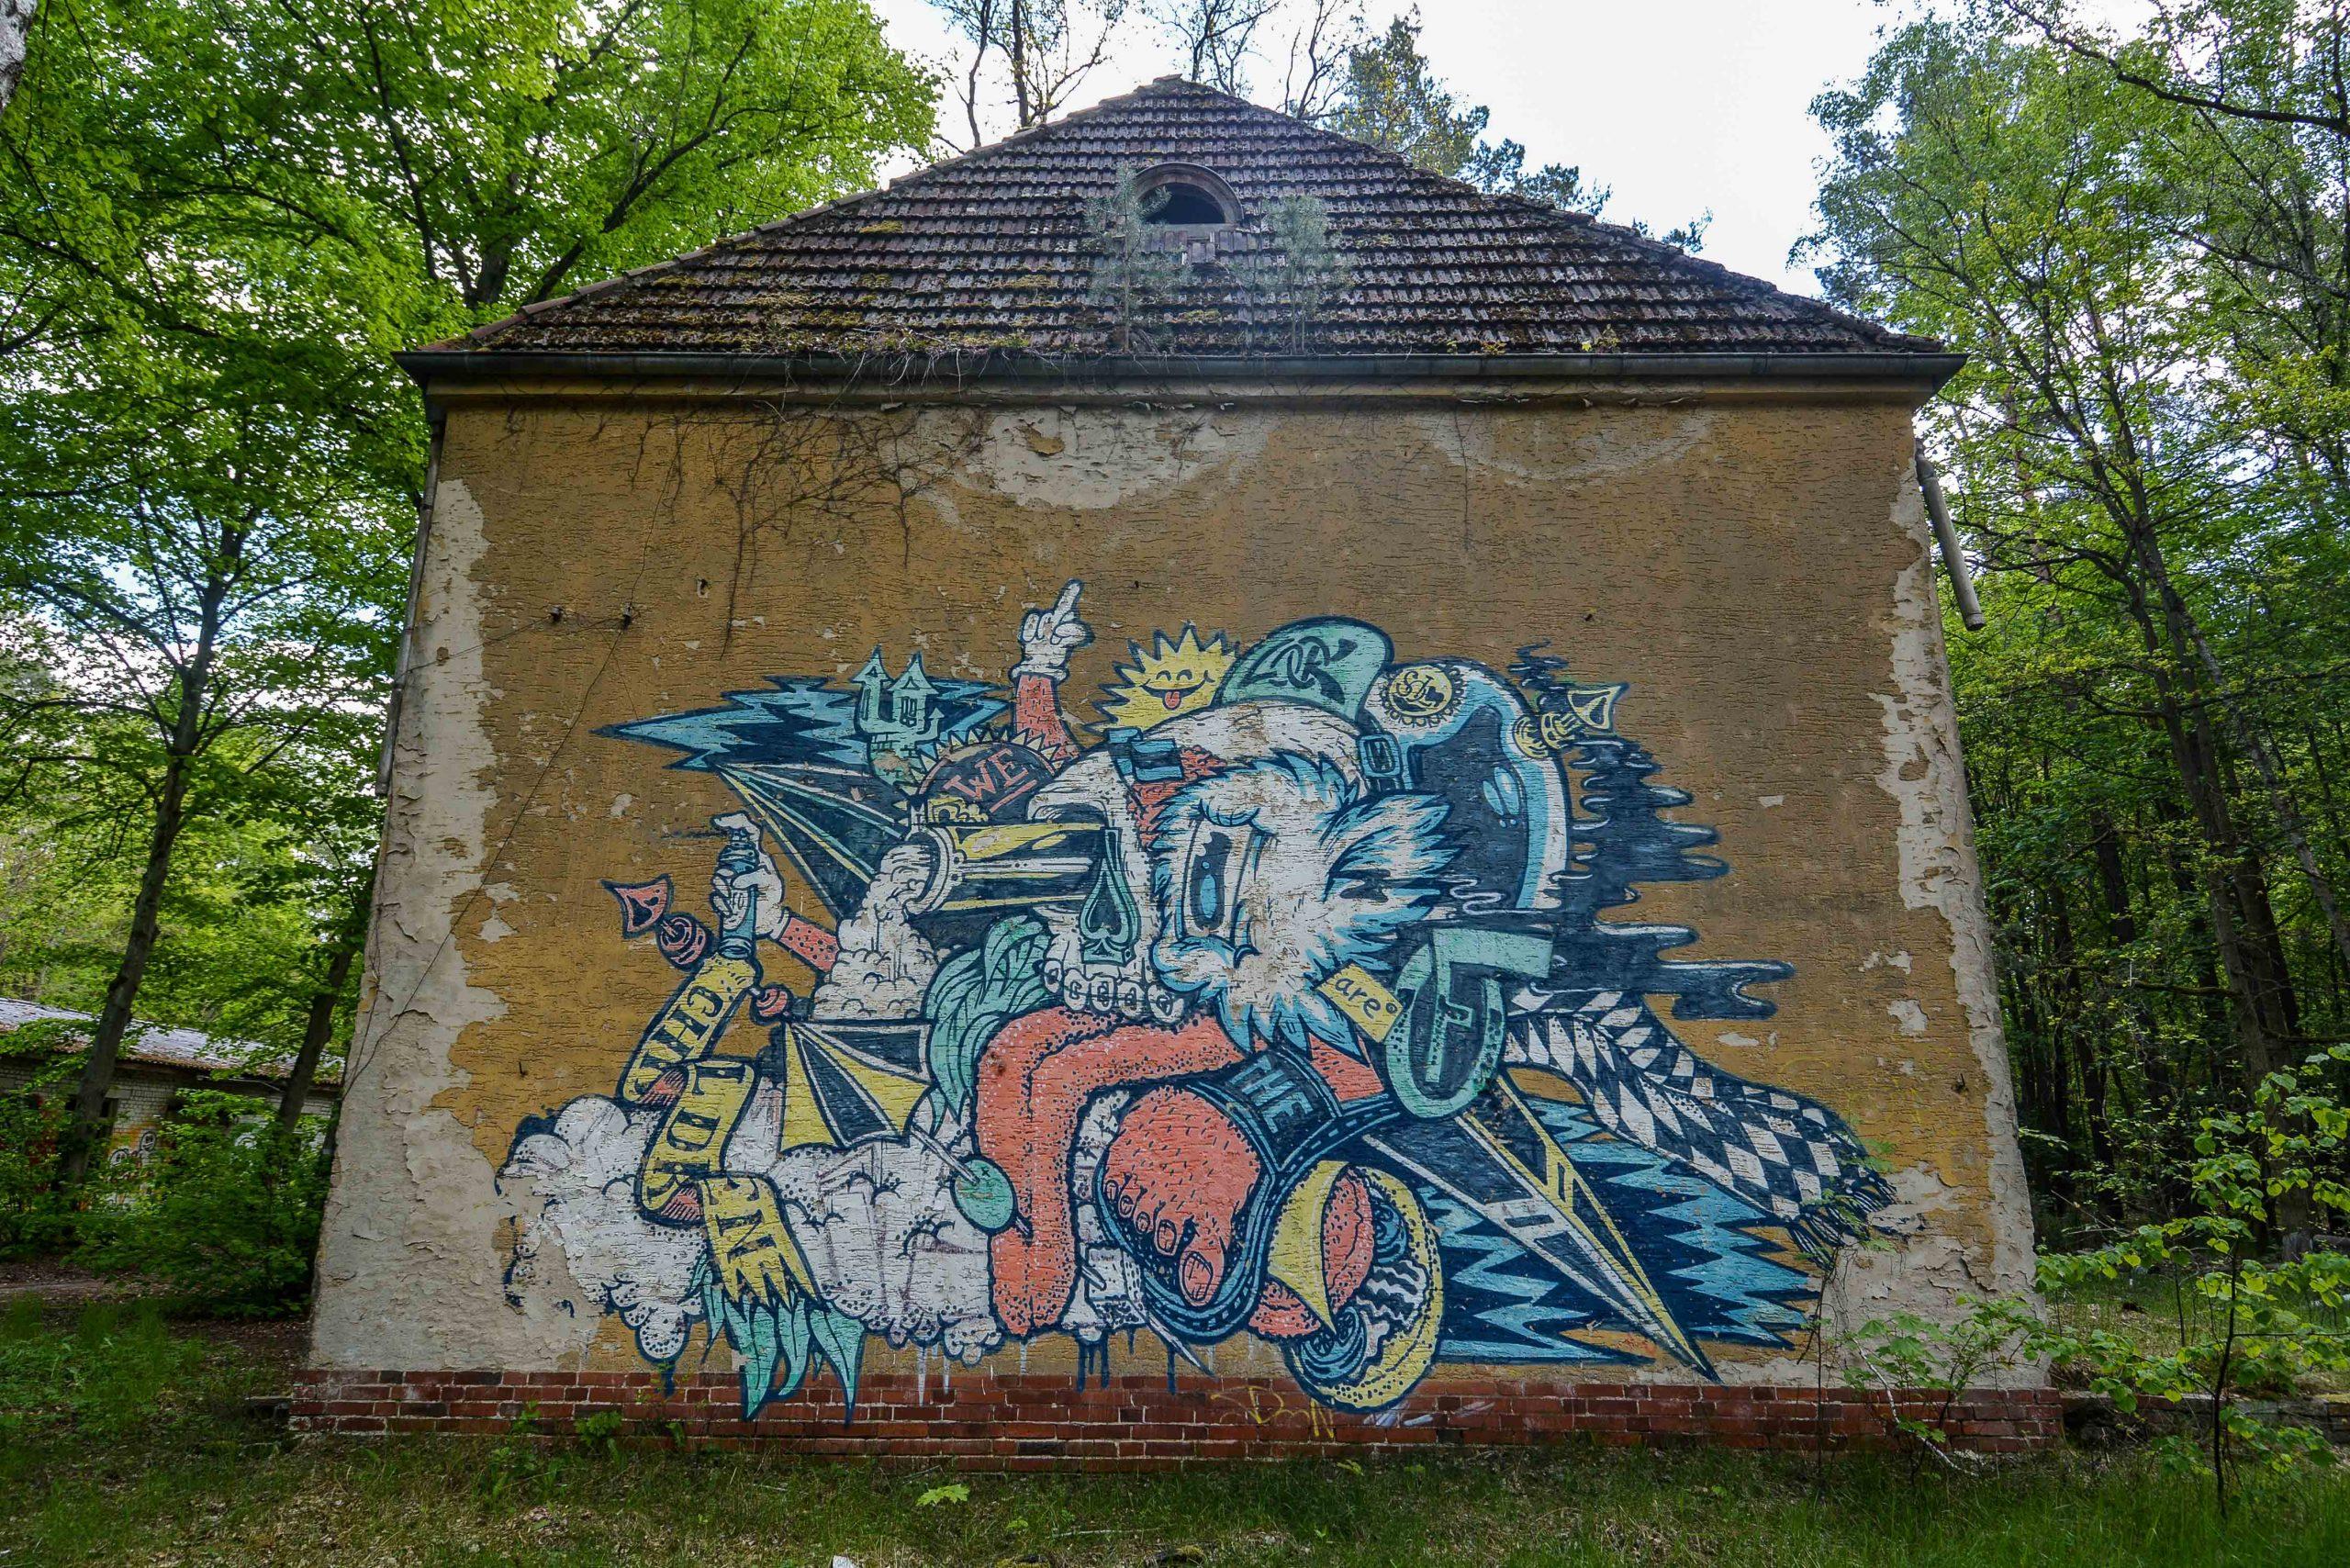 graffiti street art villa tuberkulose heilstaette grabowsee sanatorium oranienburg lost places abandoned urbex brandenburg germany deutschland